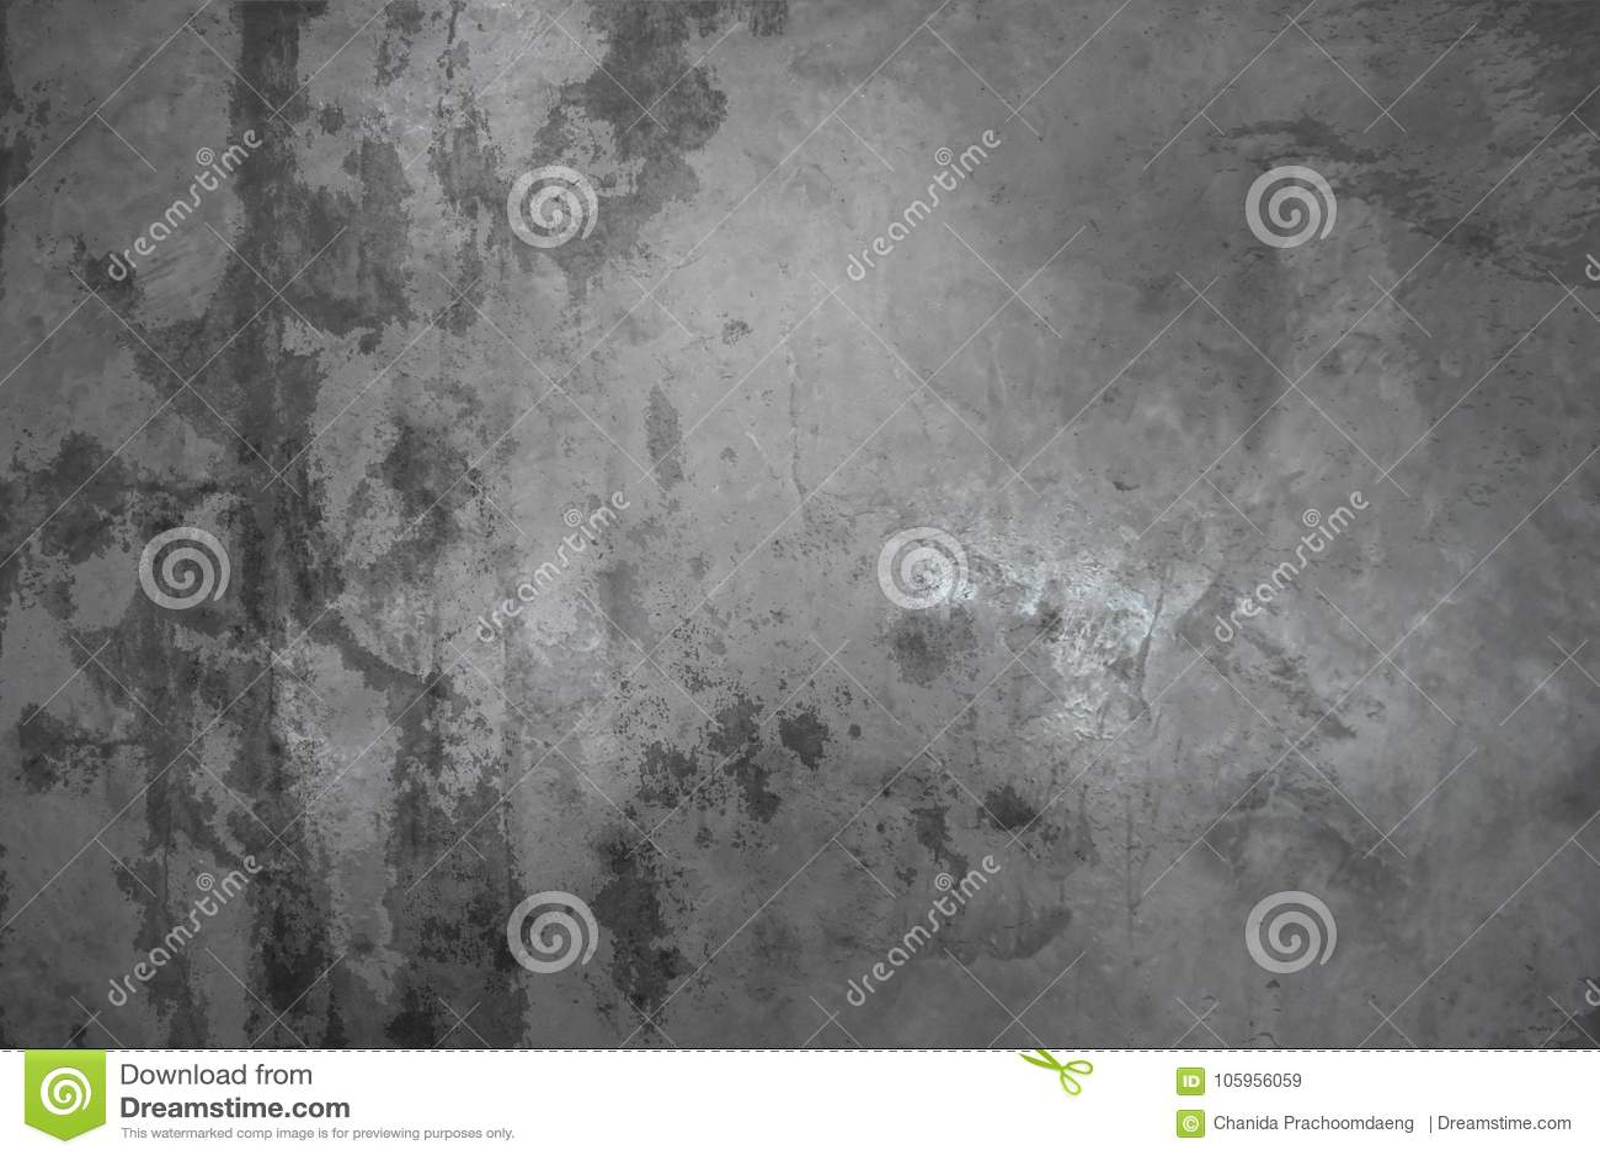 L humidité excessive peut causer le mur de peinture de moule et d épluchage tel que des fuites d eau de pluie ou des fuites de l